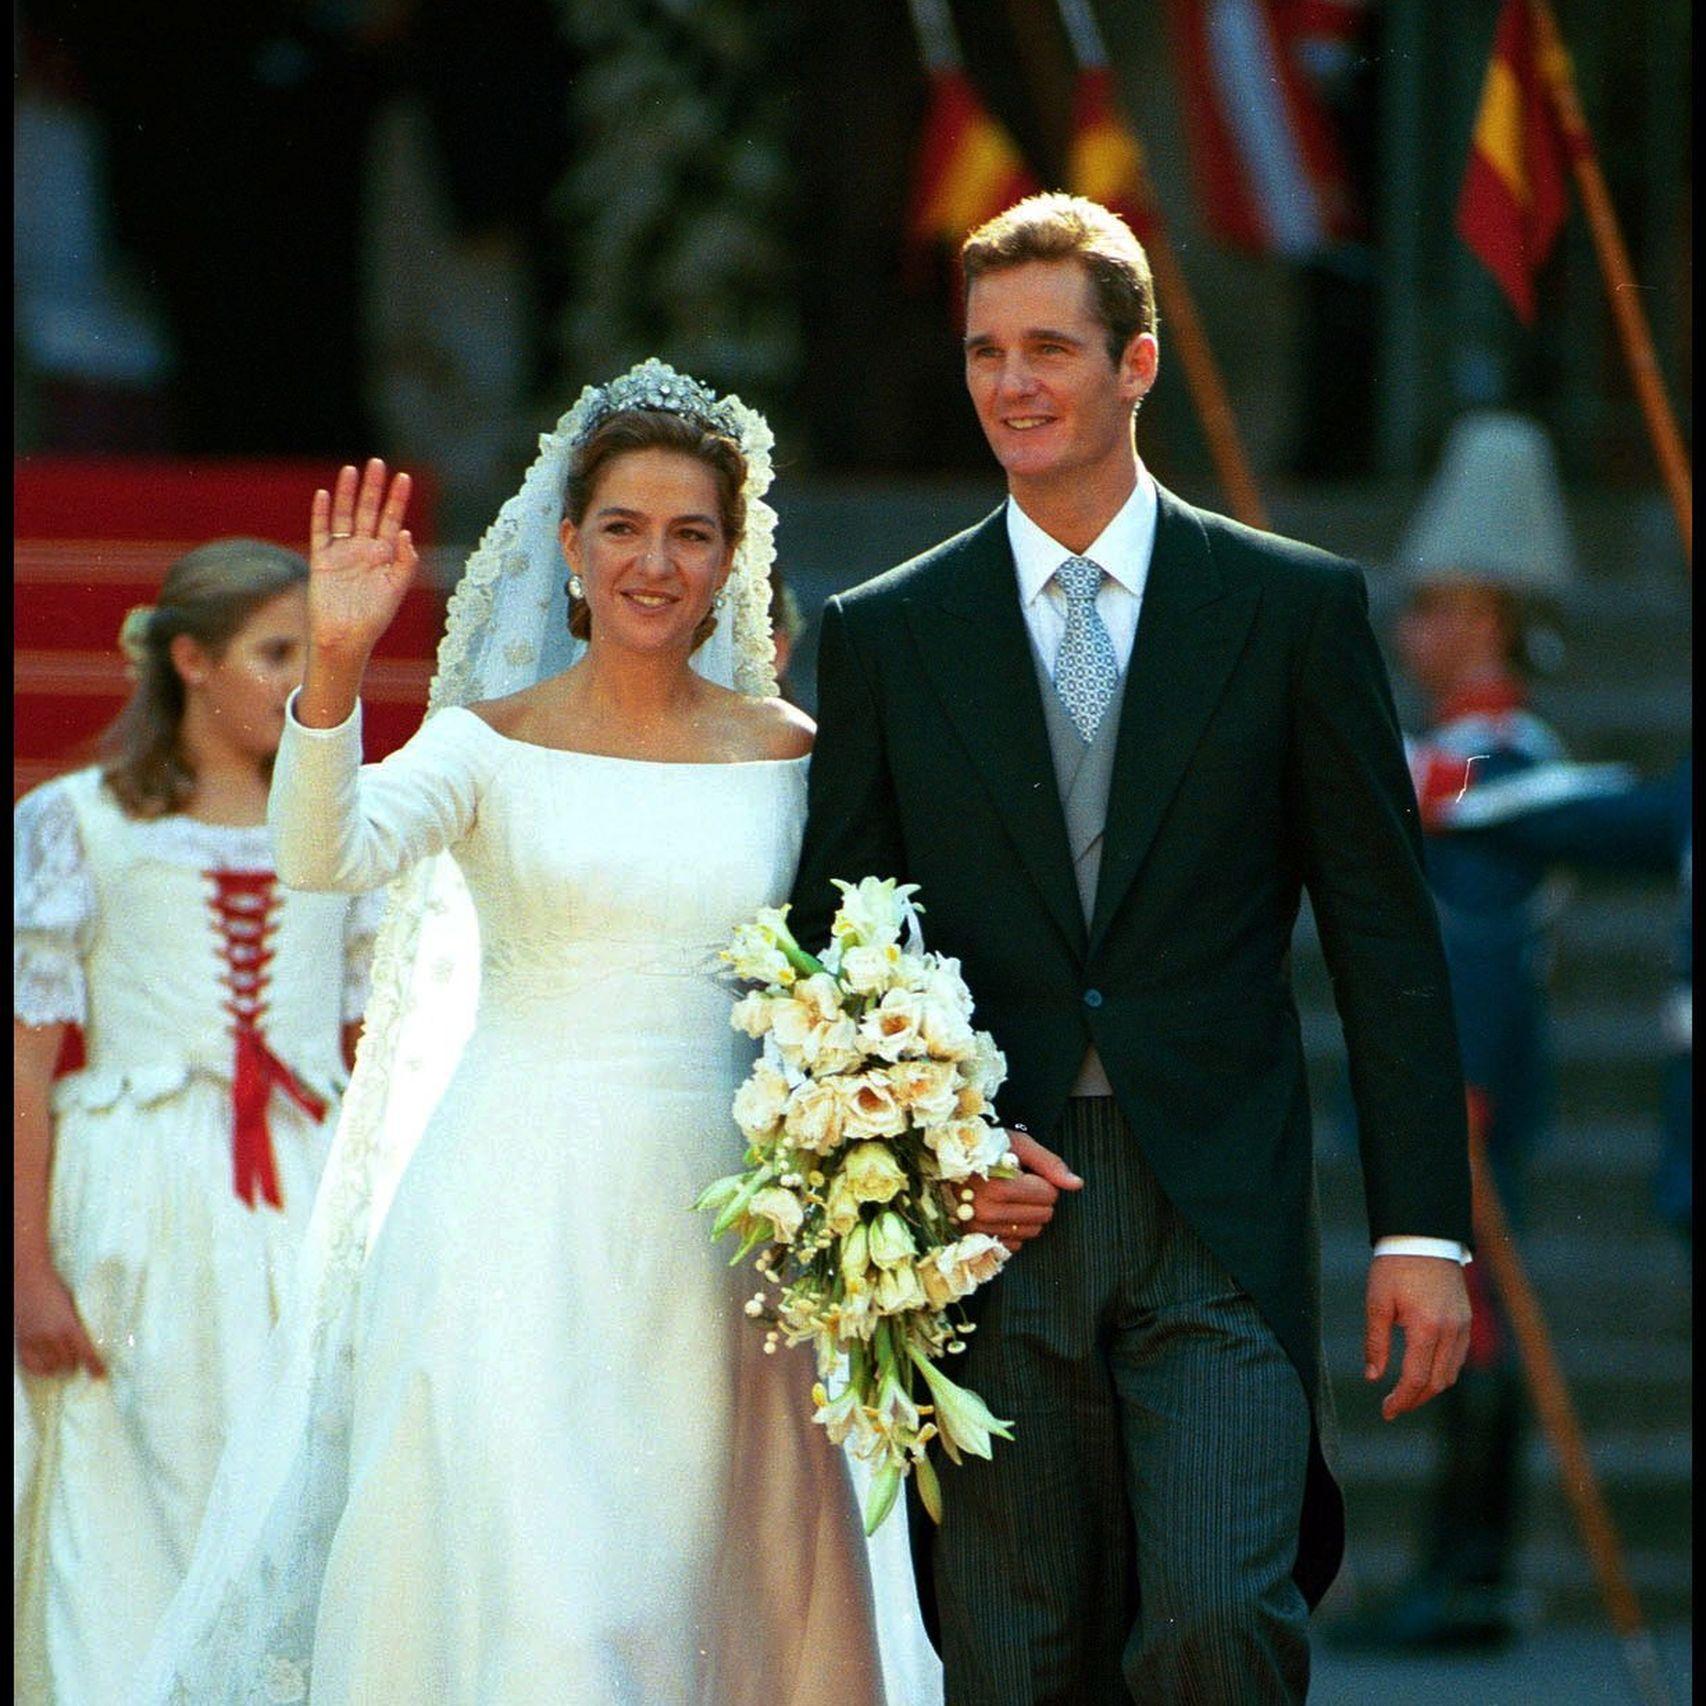 familia real espanola 4